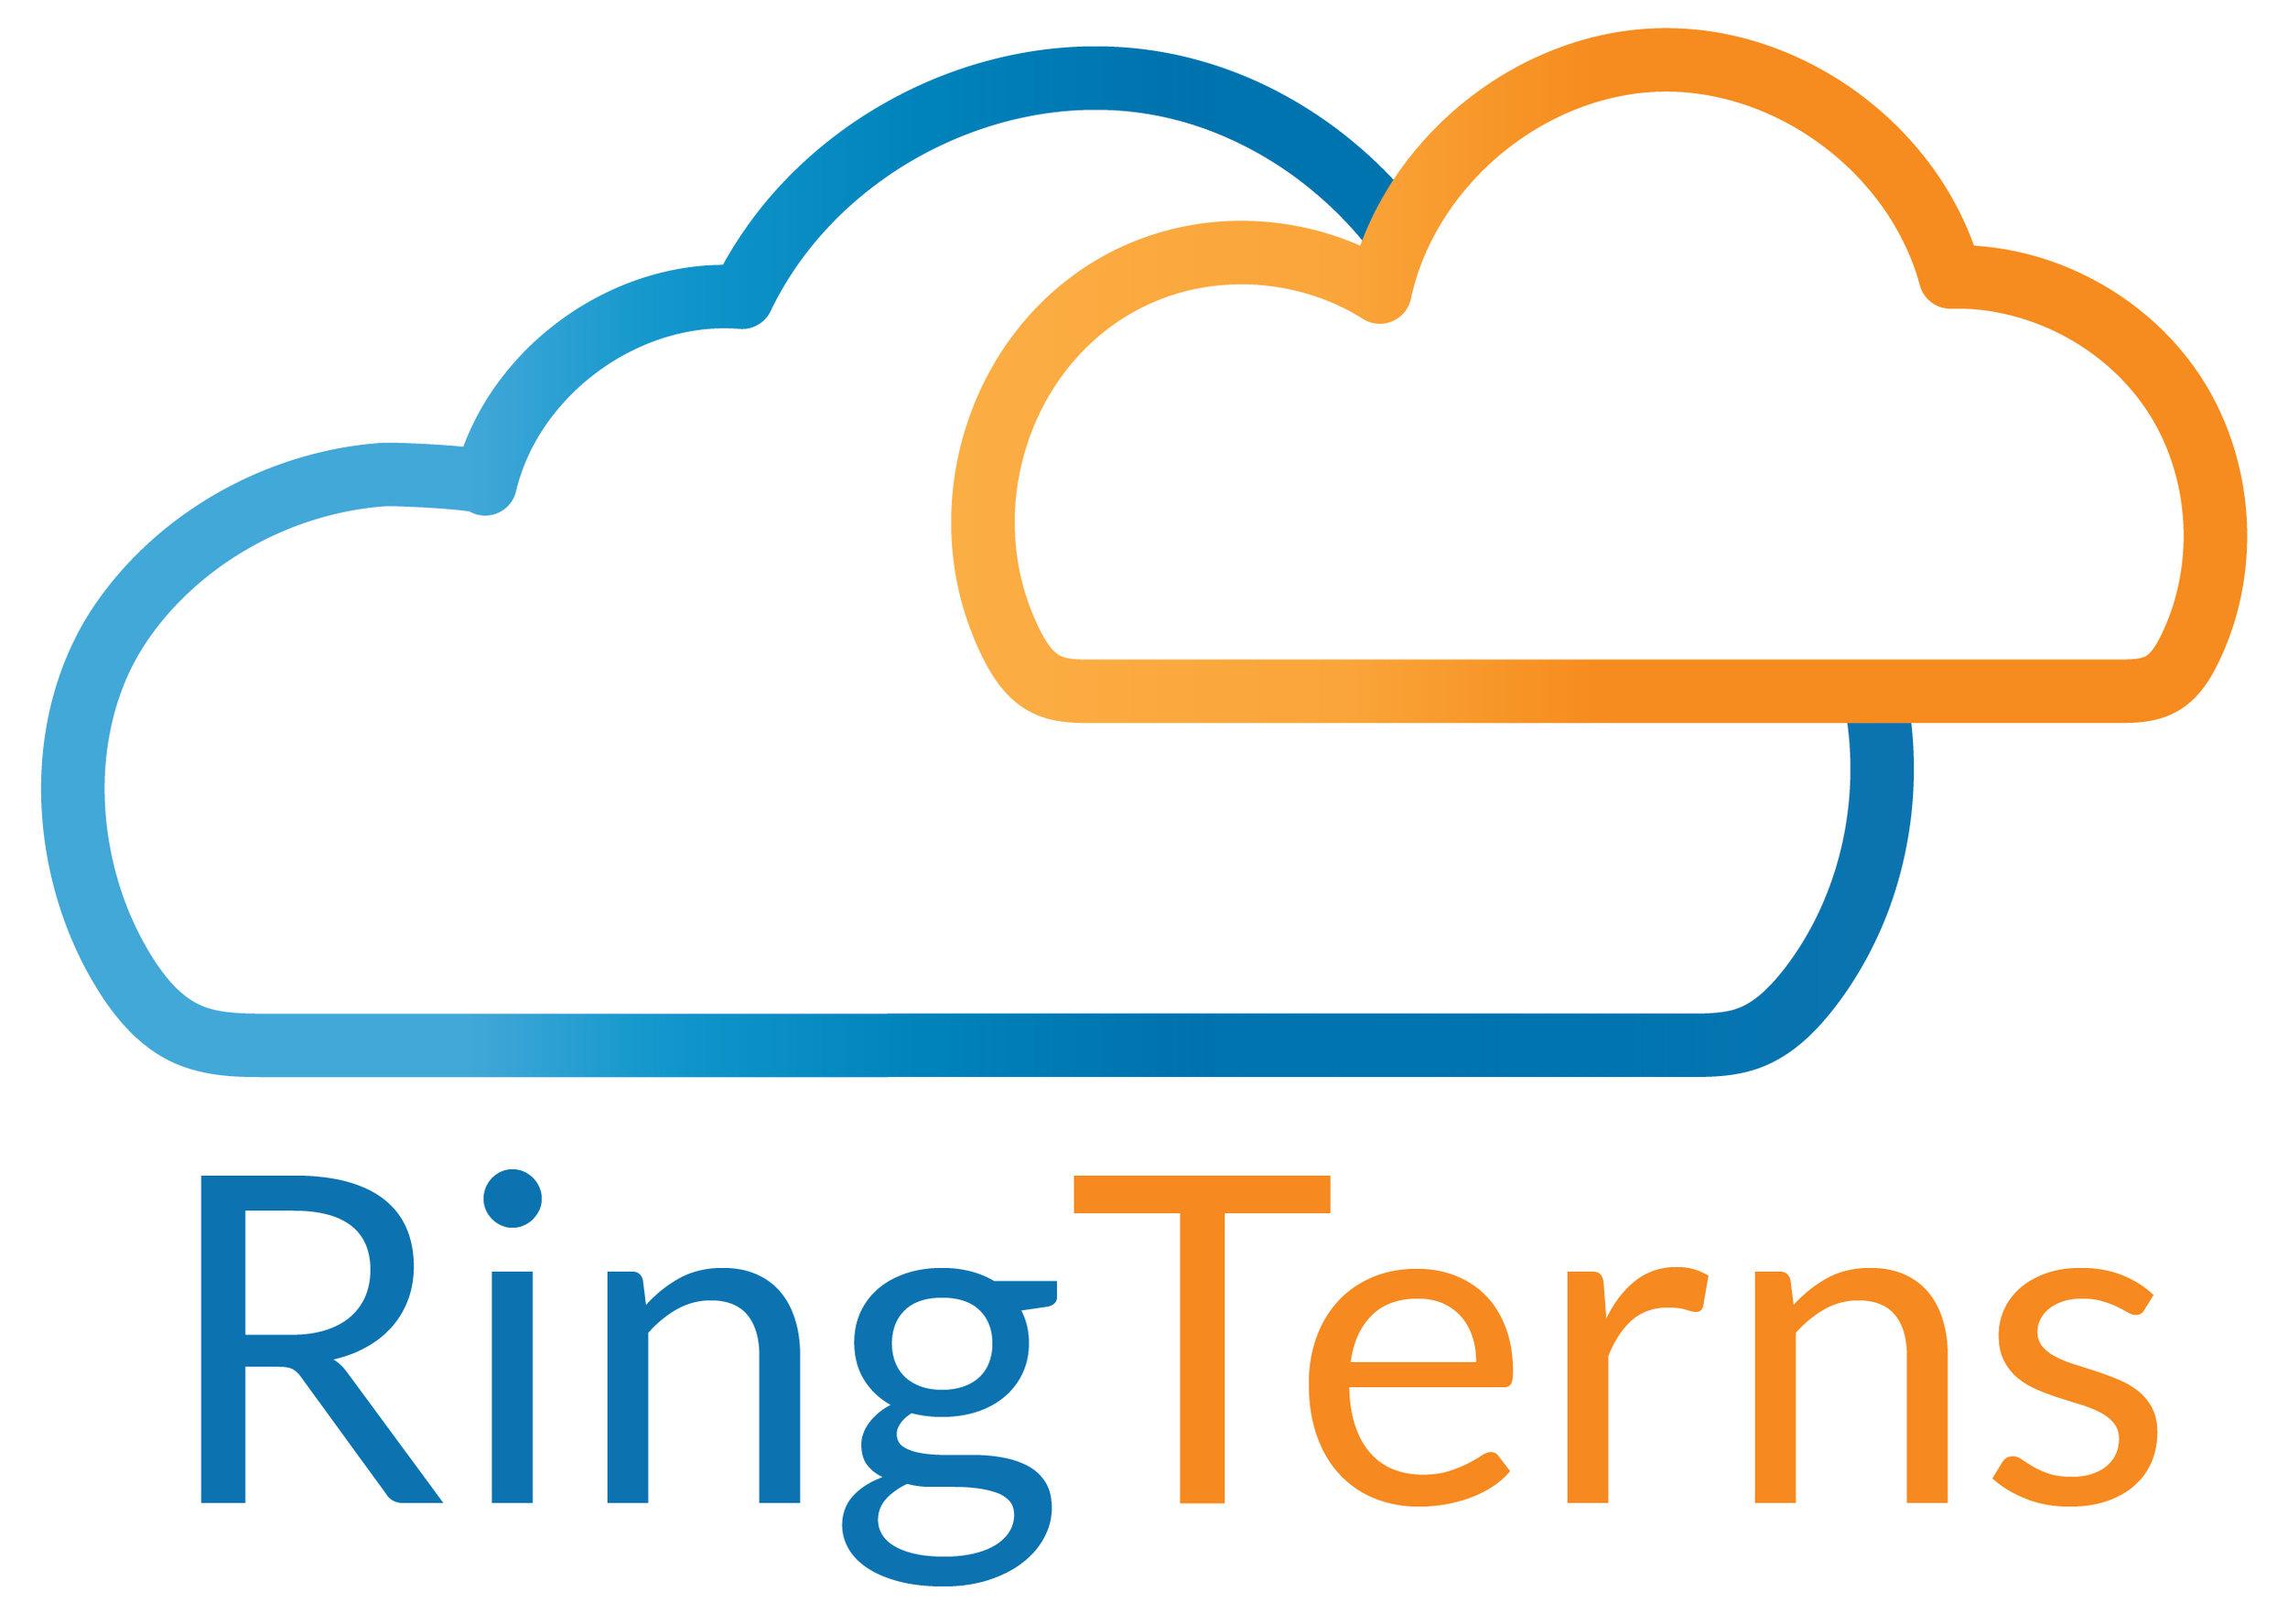 RC Intern Logos-01.jpg